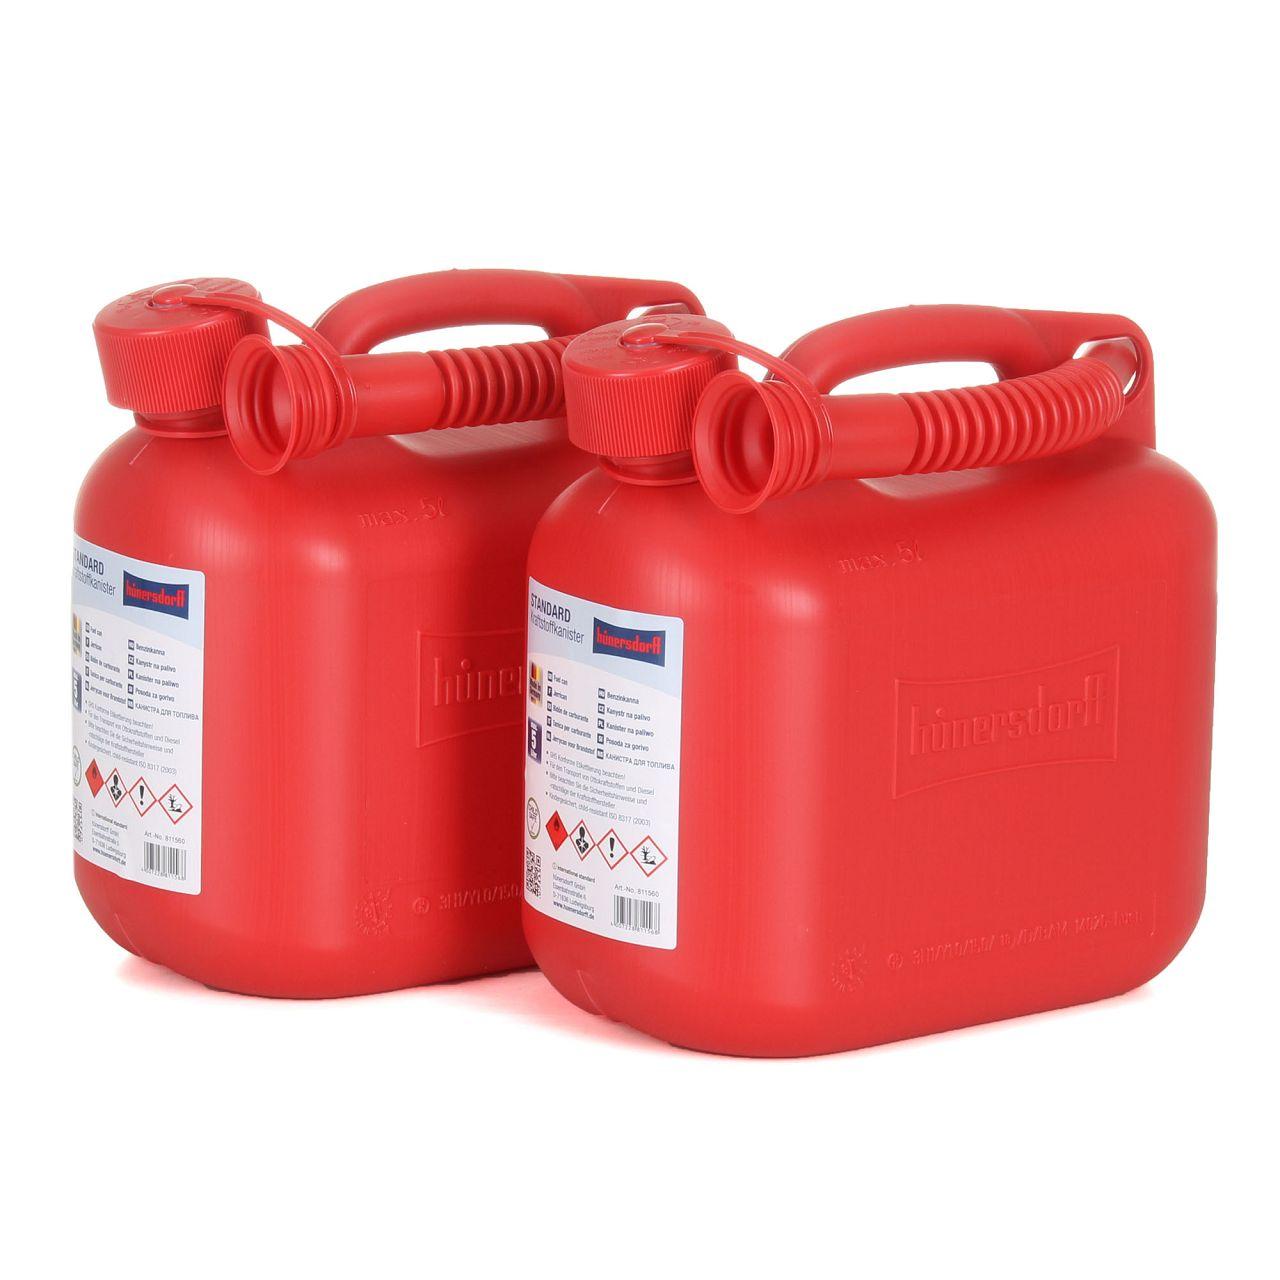 2x 5 L HÜNERSDORFF 811560 Kanister Benzinkanister Reservekanister Rot